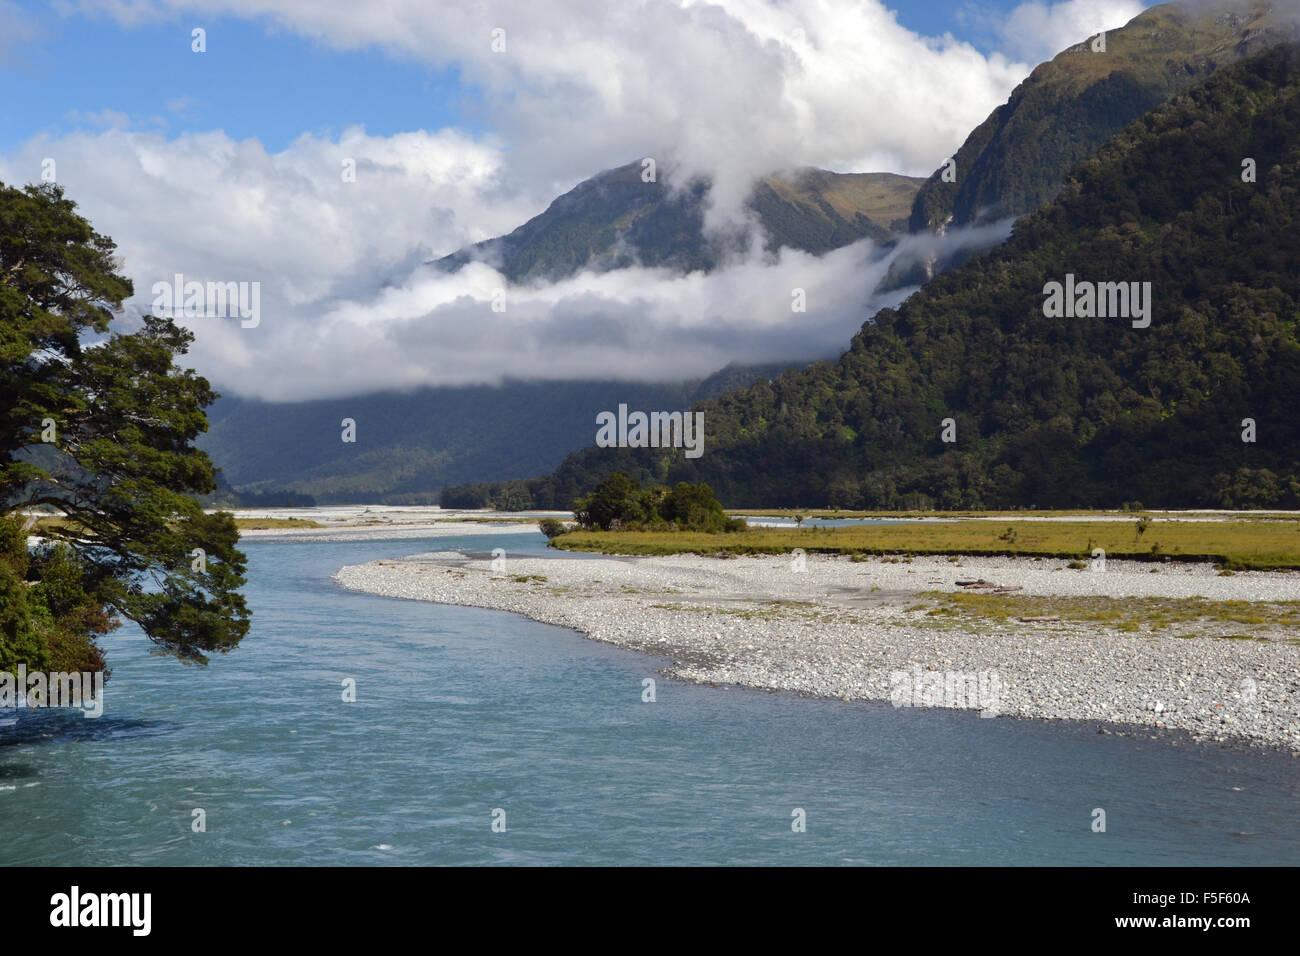 """Neuseeland oder Aotearoa, """"Land der langen weißen Wolke"""" in Maori und einem Fluss, Südinsel, Stockbild"""